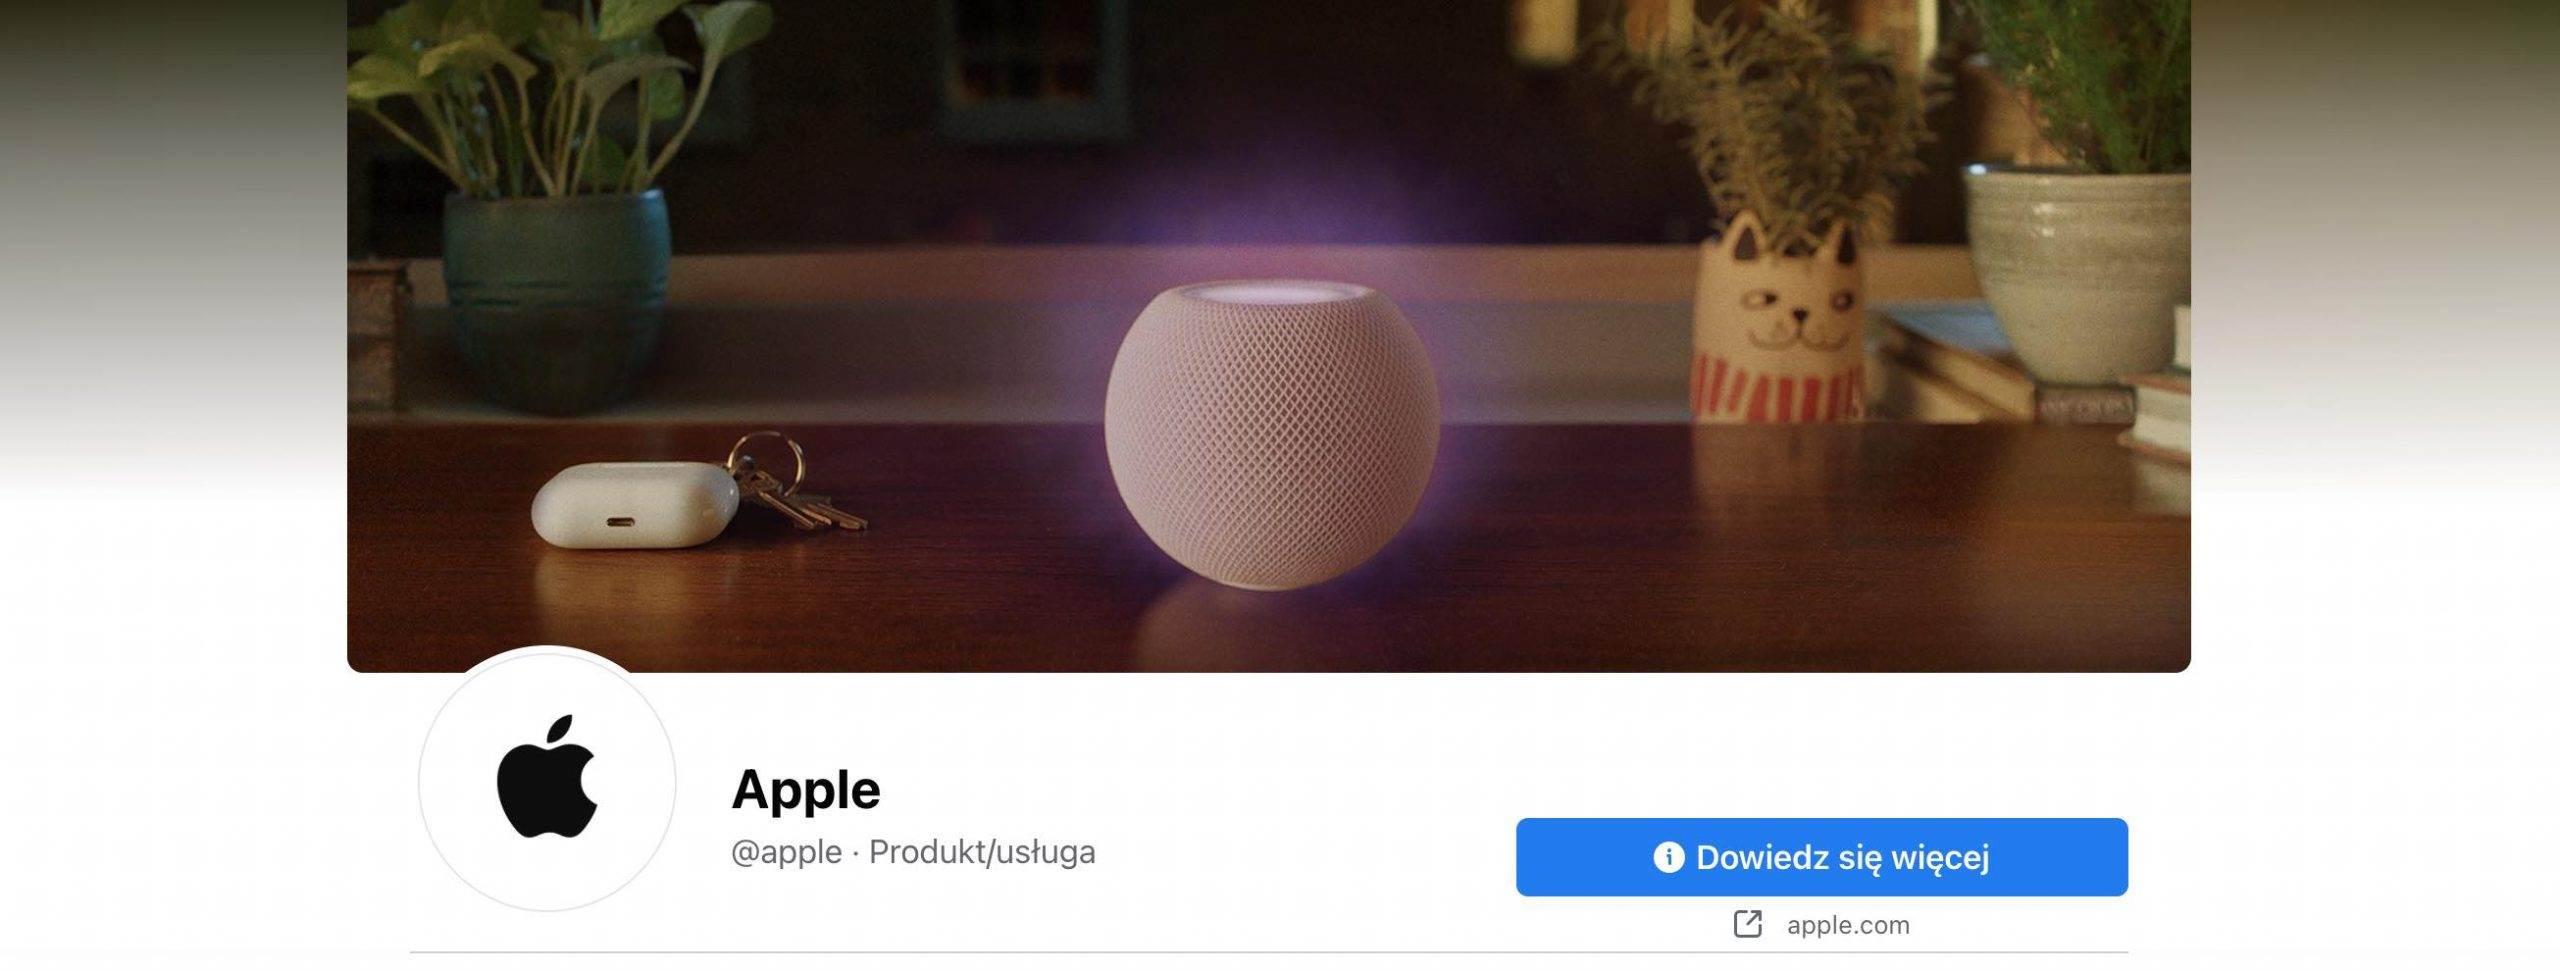 Facebook pozbawił Apple niebieskiej plakietki weryfikacyjnej polecane, ciekawostki weryfikacja, Facebook, Apple  Sieć społecznościowa Facebook usunęła niebieską plakietkę weryfikacyjną z oficjalnego profilu Apple w odpowiedzi na nadchodzące zmiany w prywatności iPhone'a. facebook apple scaled